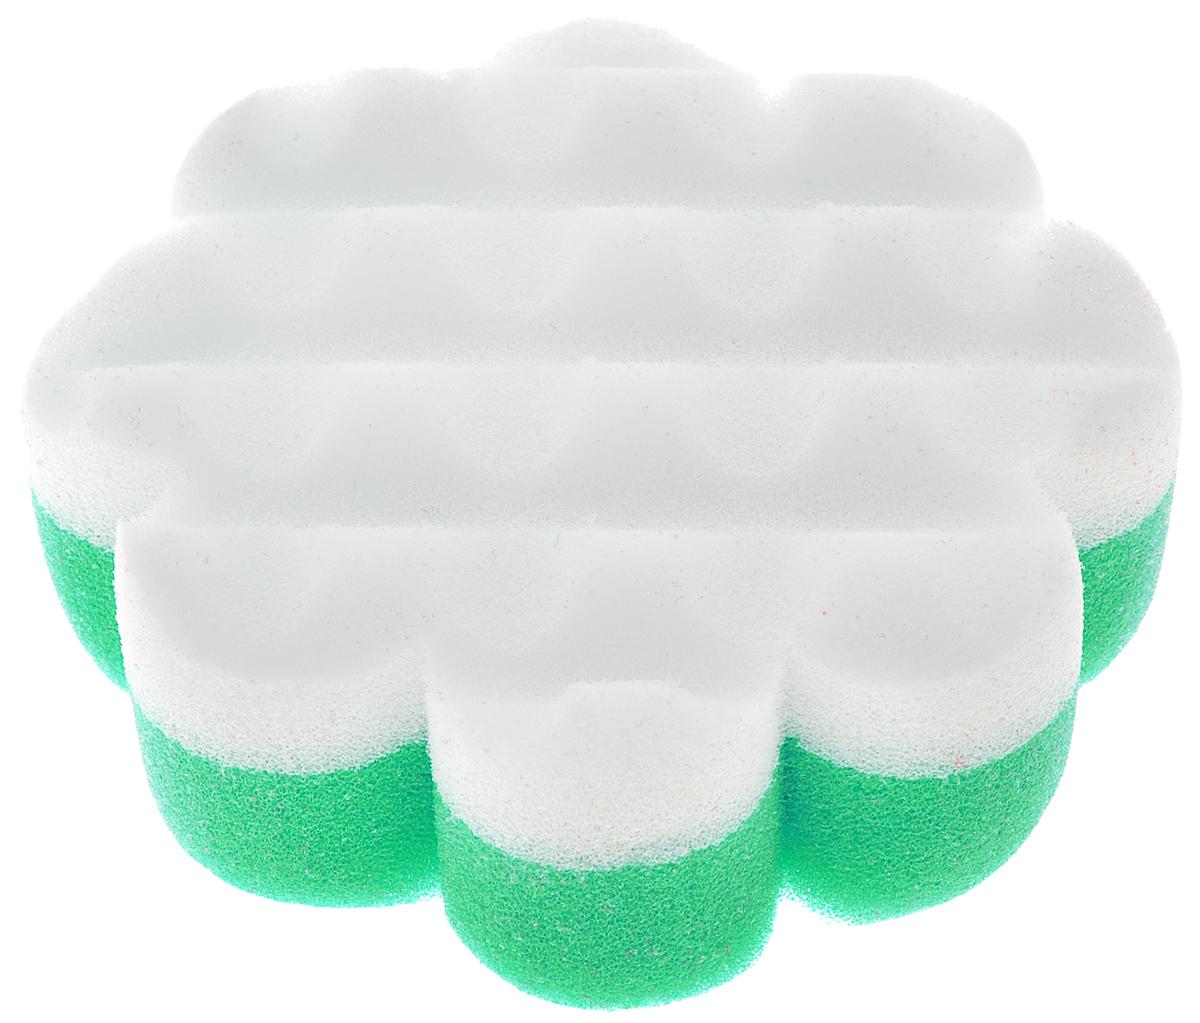 Курносики Мочалка с массажным слоем Цветок цвет зеленый белый40505_зеленый цветокМочалка Курносики в форме цветка обеспечивает мягкий уход за кожей малыша при купании и отлично взбивает мыльную пену. Детская мочалка имеет форму, комфортную для рук, а также массажный слой, помогающий удалять загрязнения. Такая мочалка поможет вам провести купание малыша мягко и комфортно. Мочалка с массажным слоем Курносики прослужит вам длительно, радуя вас и вашего малыша.